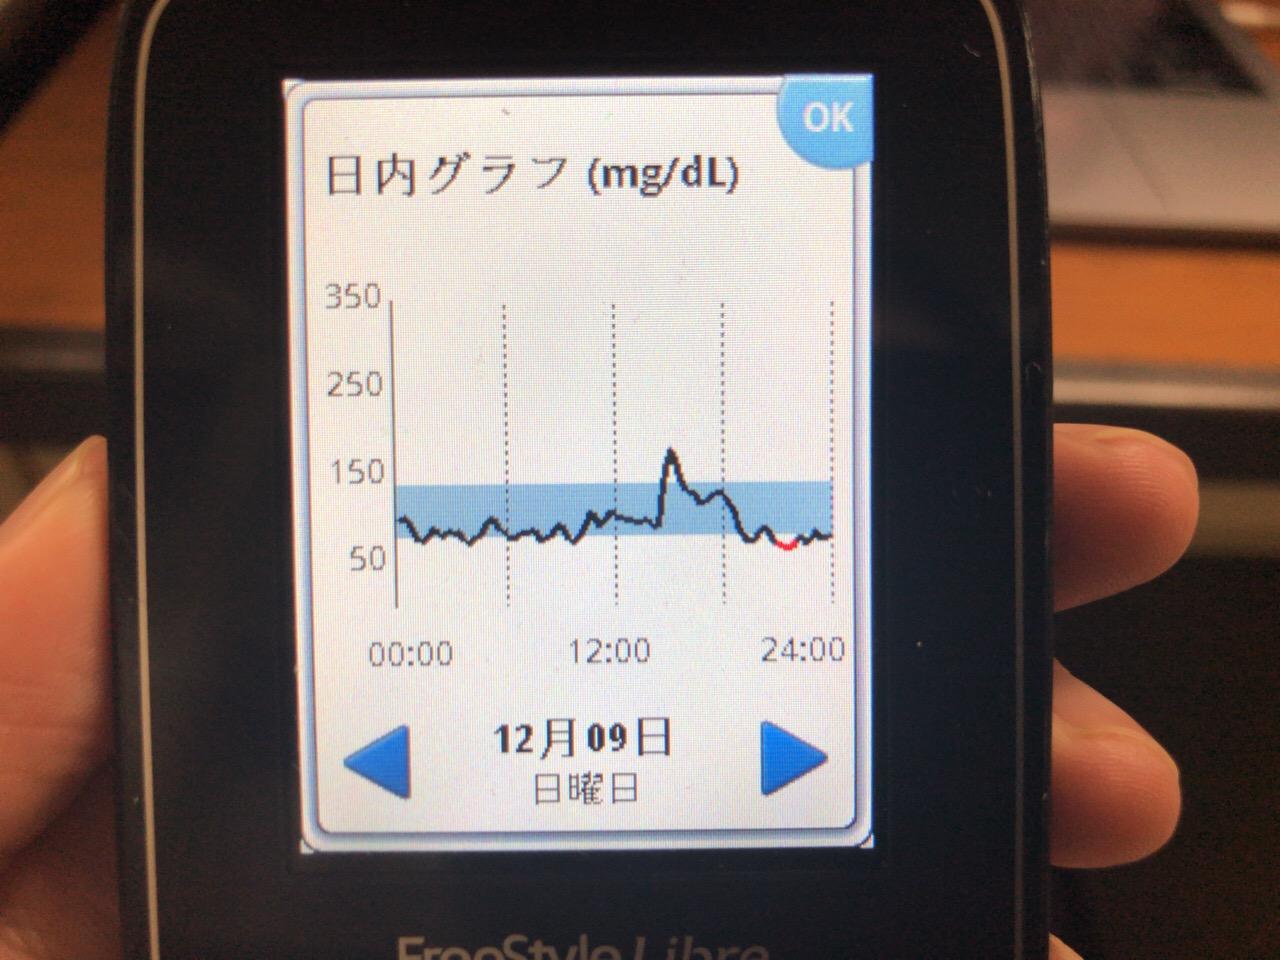 昼のラーメンde血糖値ピーク160からなかなか下がらず,夕食の肉じゃがでも血糖値が上がらないくらい午後はインスリンが出続けていた1日 糖尿病内科医のフリースタイルリブレ自己血糖記録